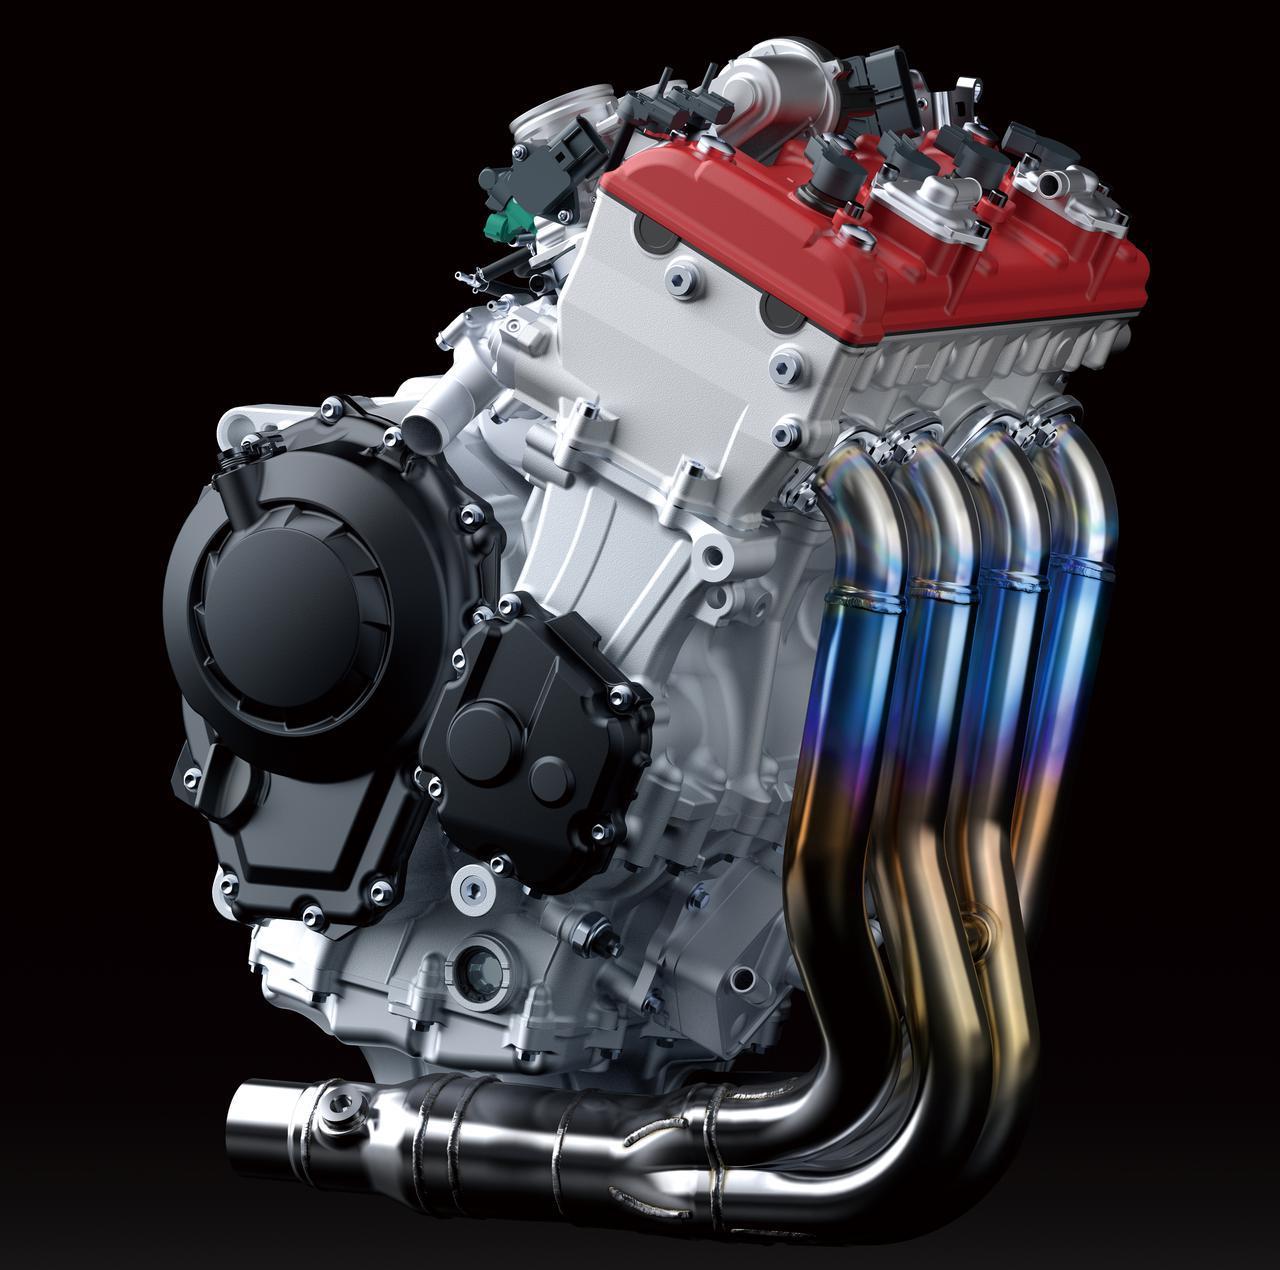 画像: Ninja ZX-10Rのエンジン。最高出力は149kW(203PS)/13,500rpm(ラムエア加圧時:156kW(212PS)/13,500rpm)。